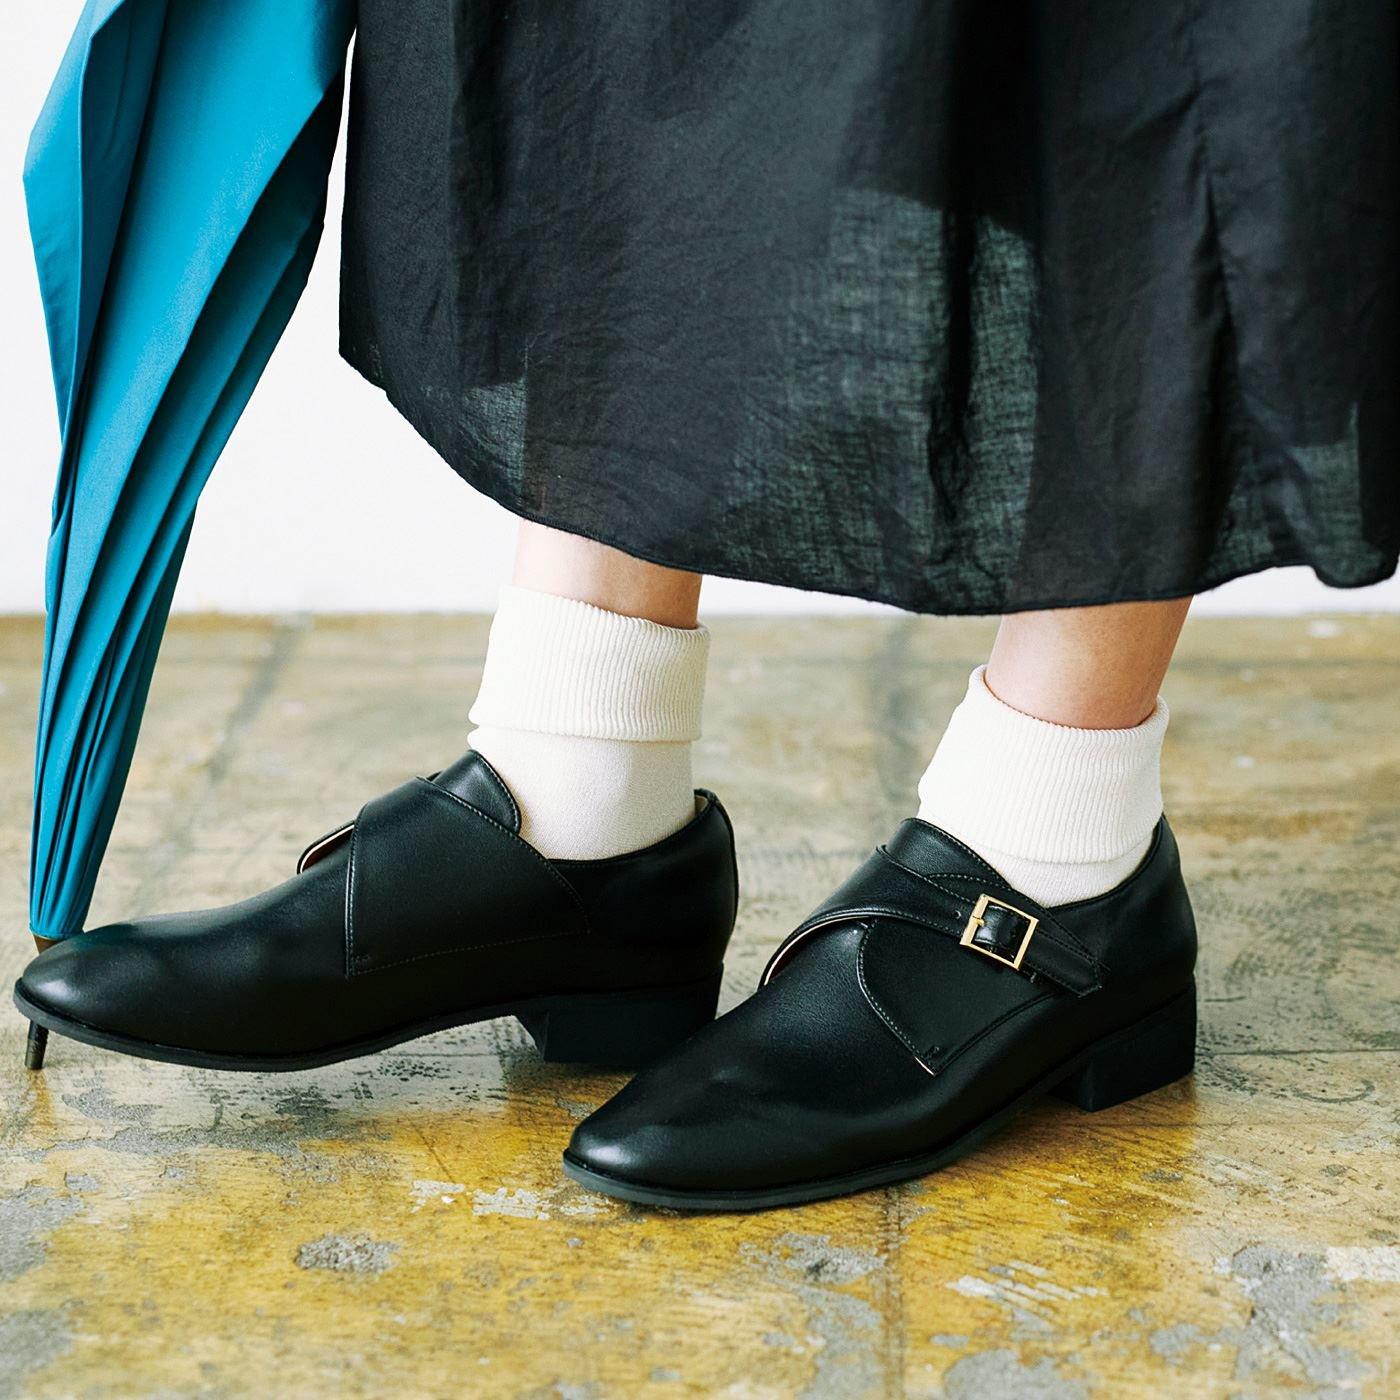 el:ment 晴雨兼用 雨をはじいて、湿気をにがす ゴムで履きやすい モンクストラップシューズ〈マイクロフレッシュ素材使用〉